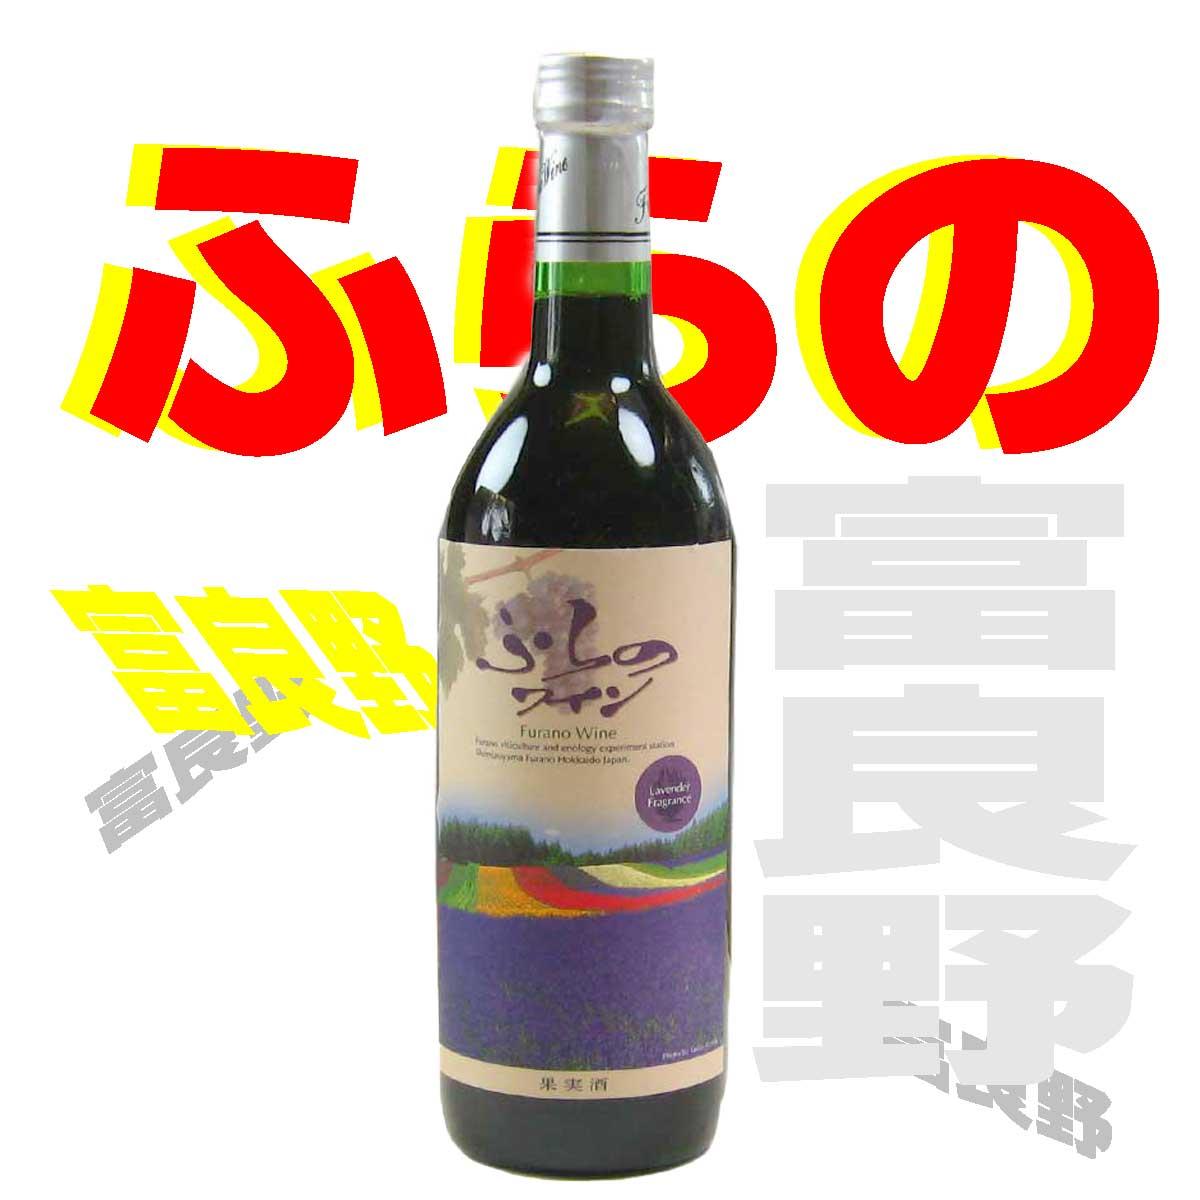 ふらのワイン・ラベンダーラベル